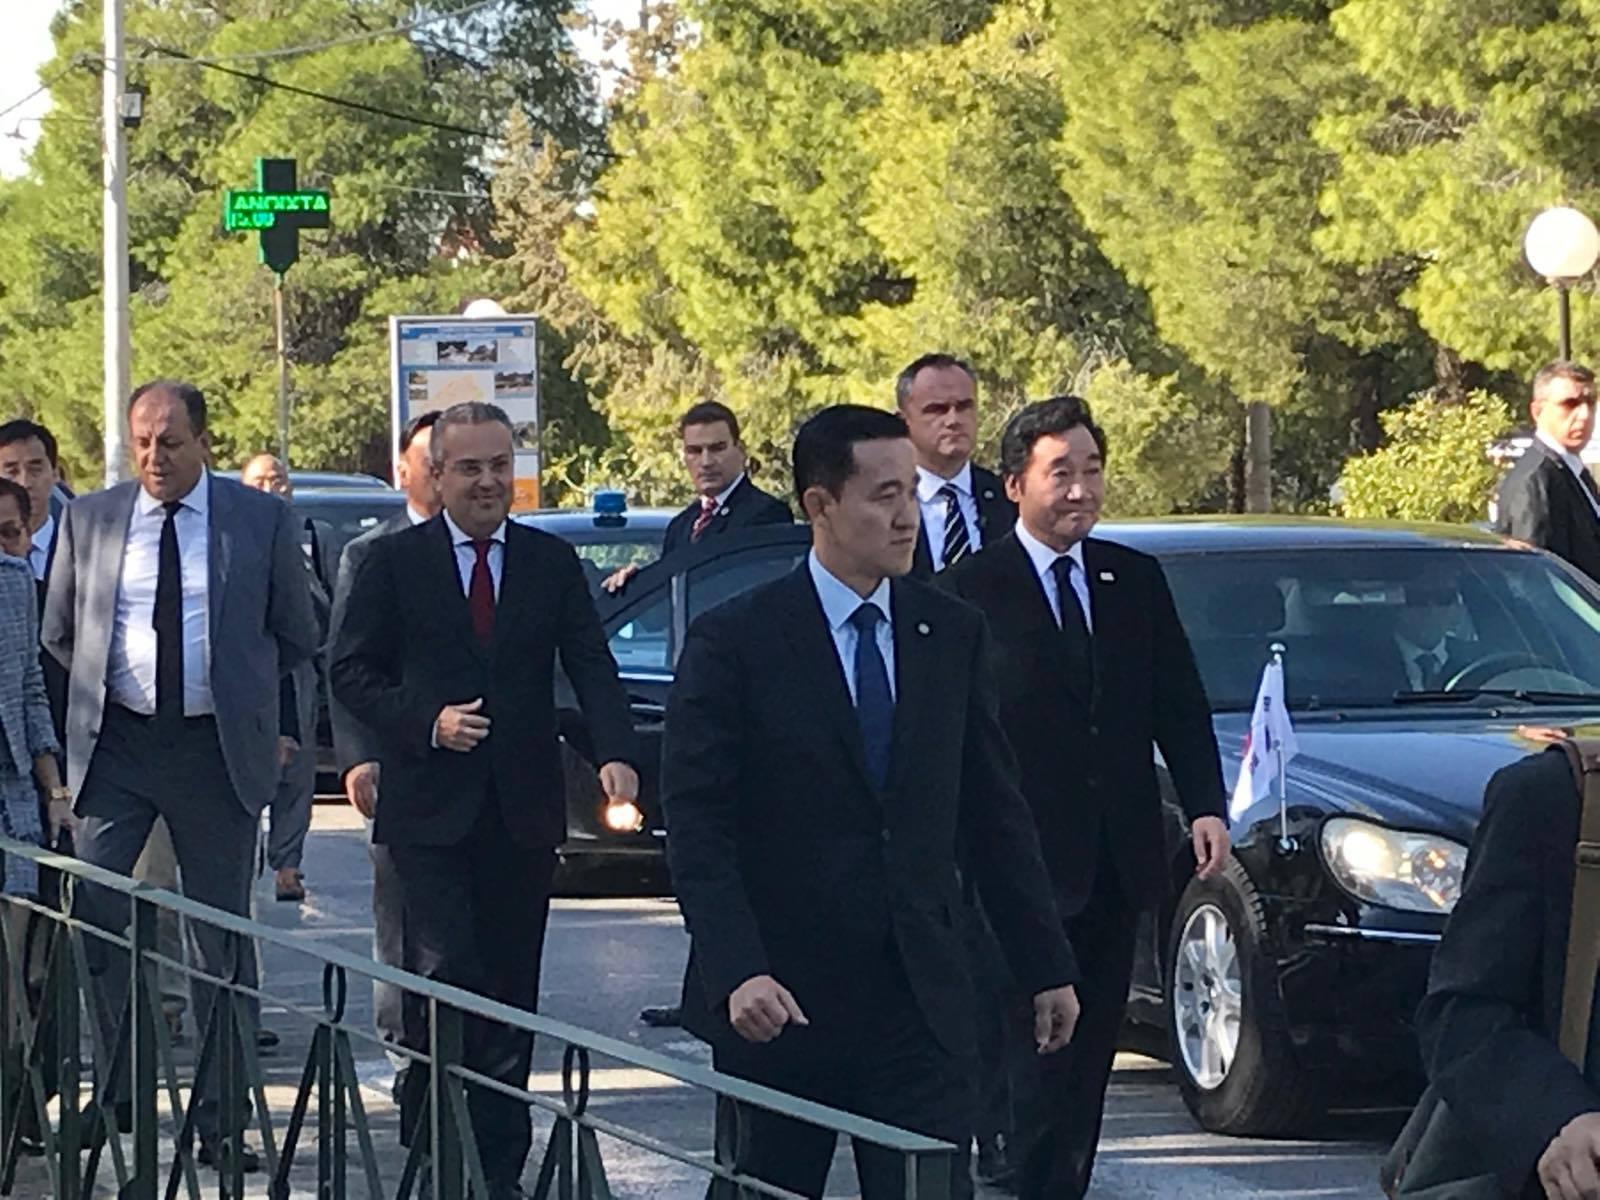 Επίσκεψη του Πρωθυπουργού της Δημοκρατίας της Κορέας στον Δήμο Παπάγου – Χολαργού